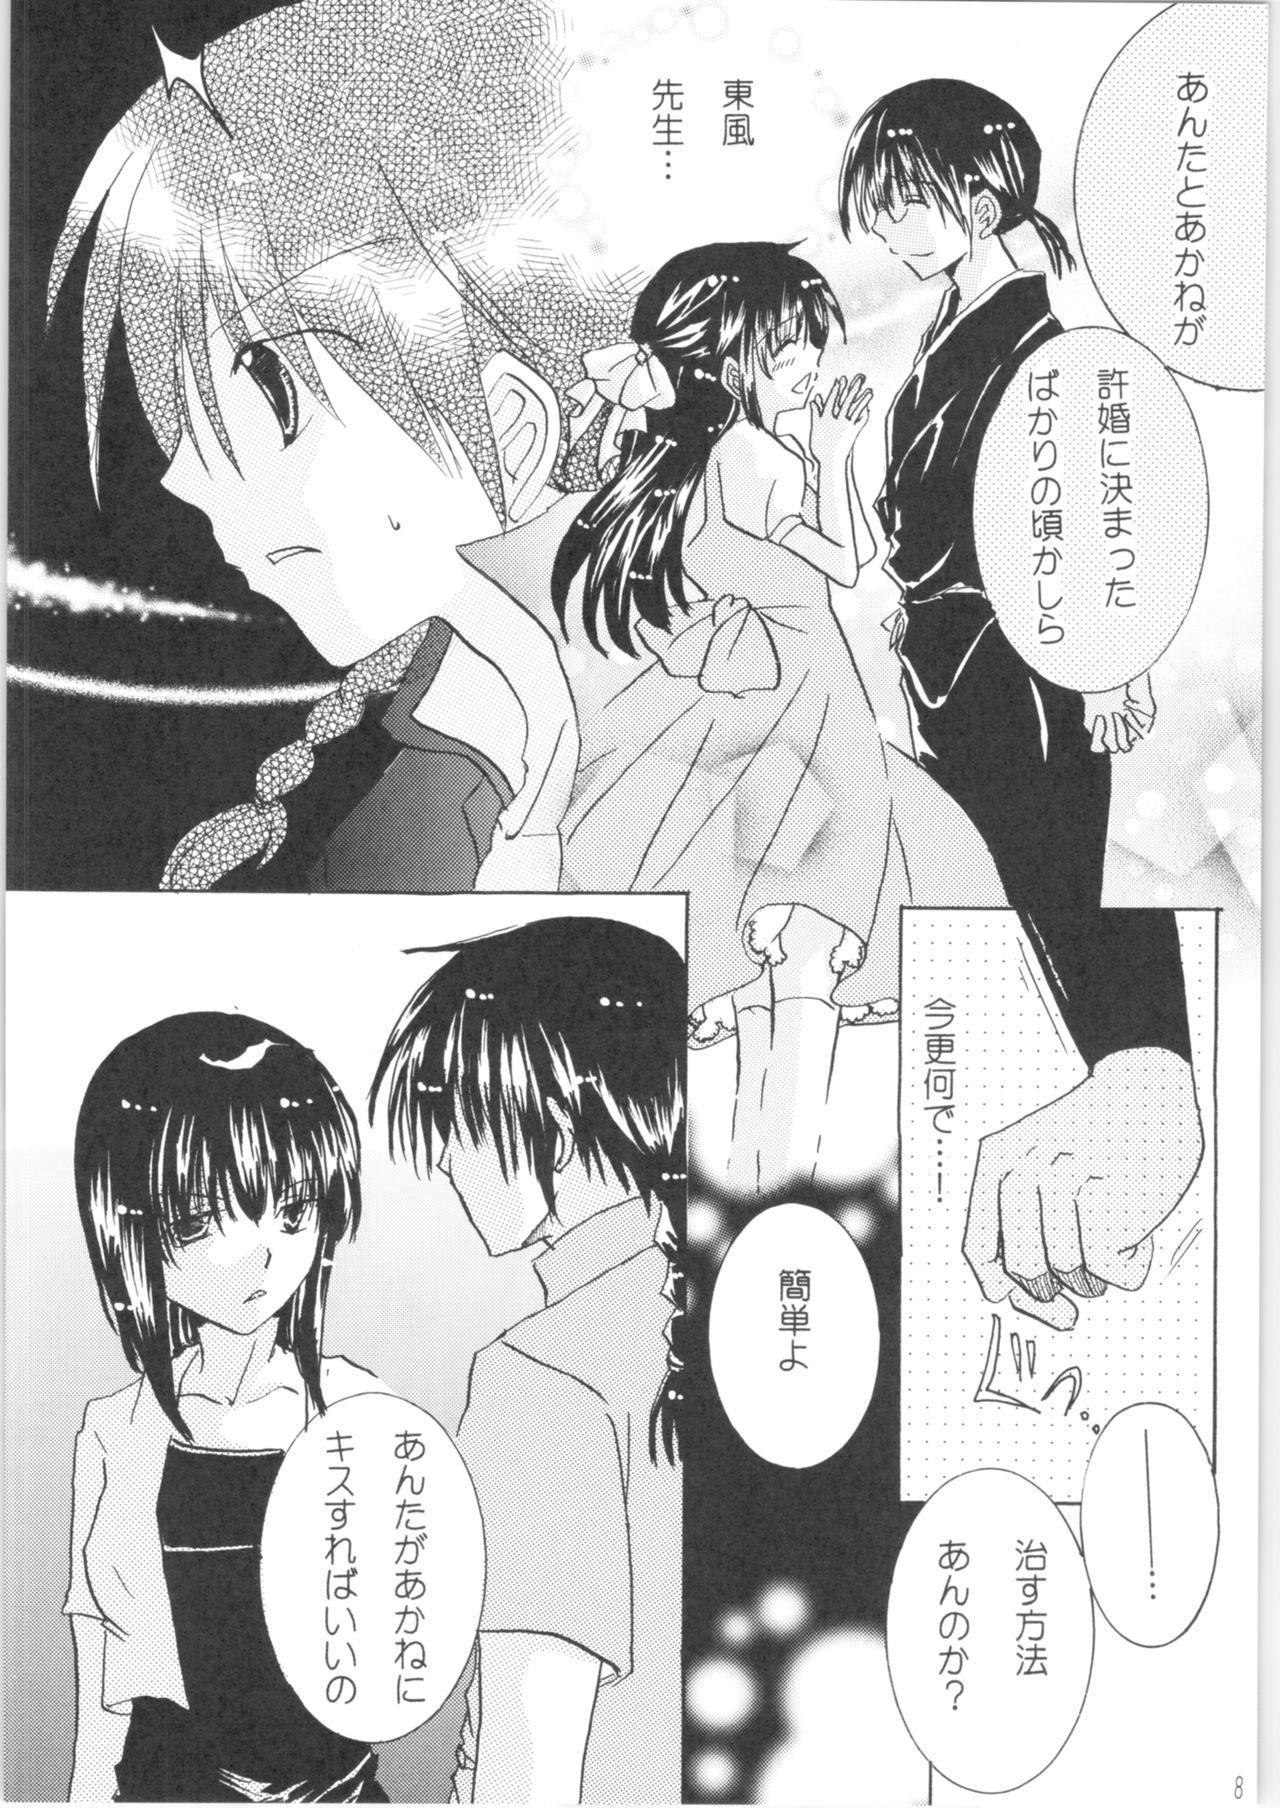 Iinazuke ga Neko ni Narimashite. 6